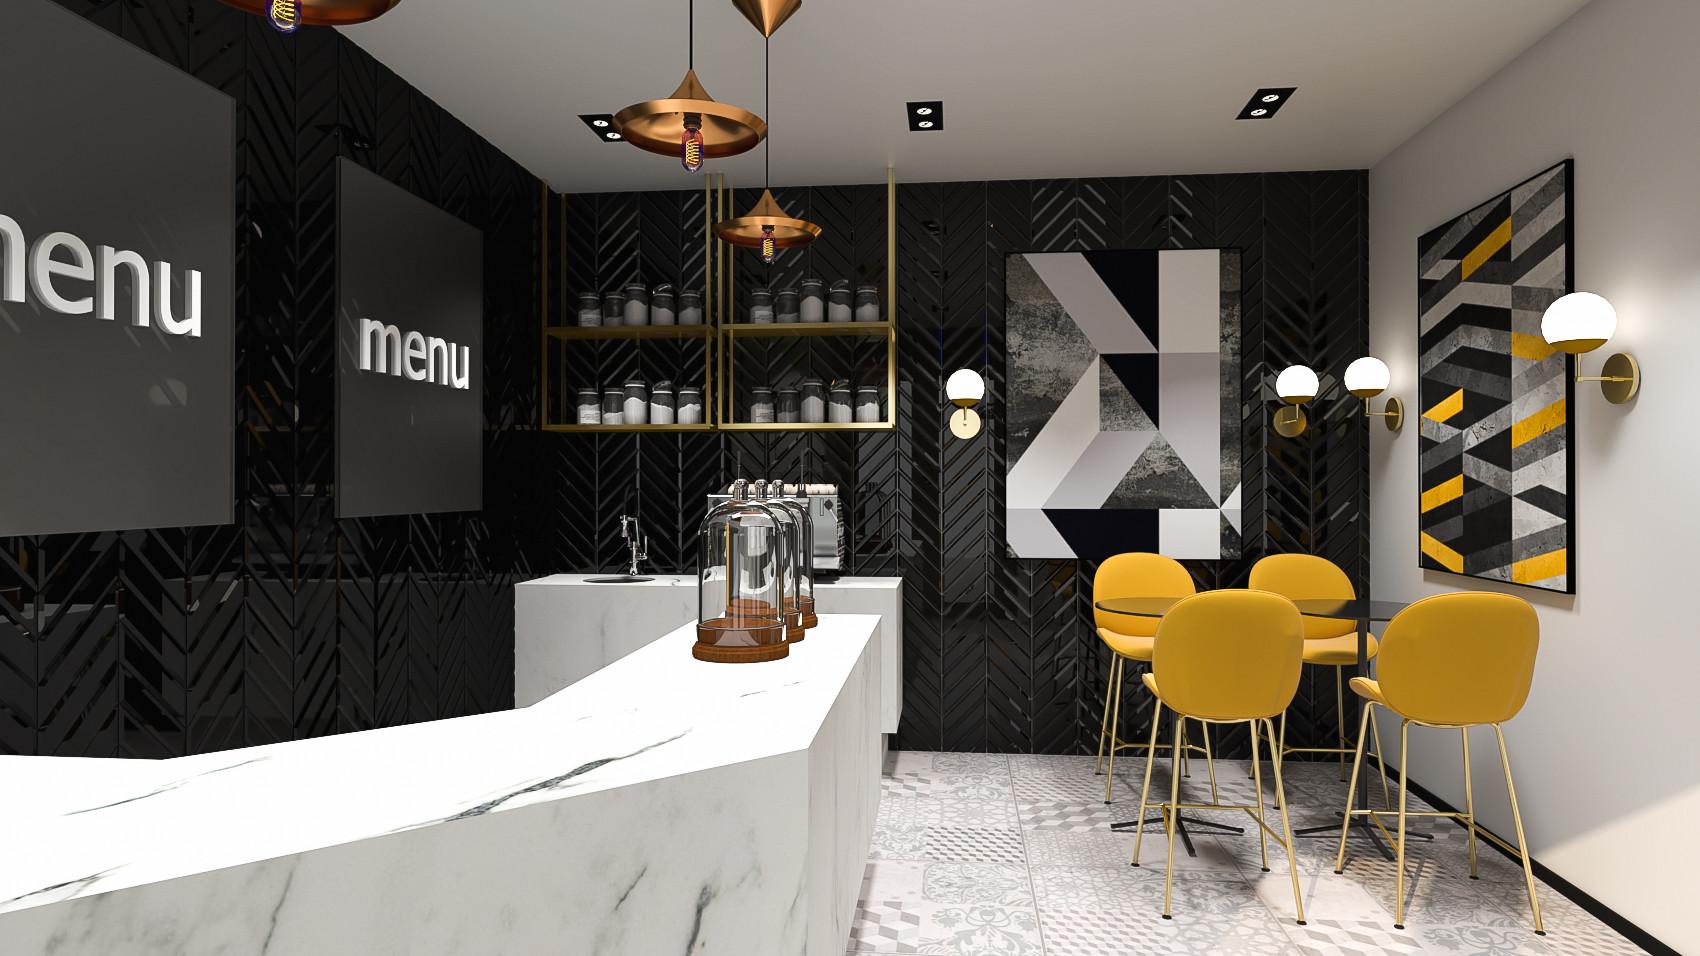 CAFE_Scene 2.jpg